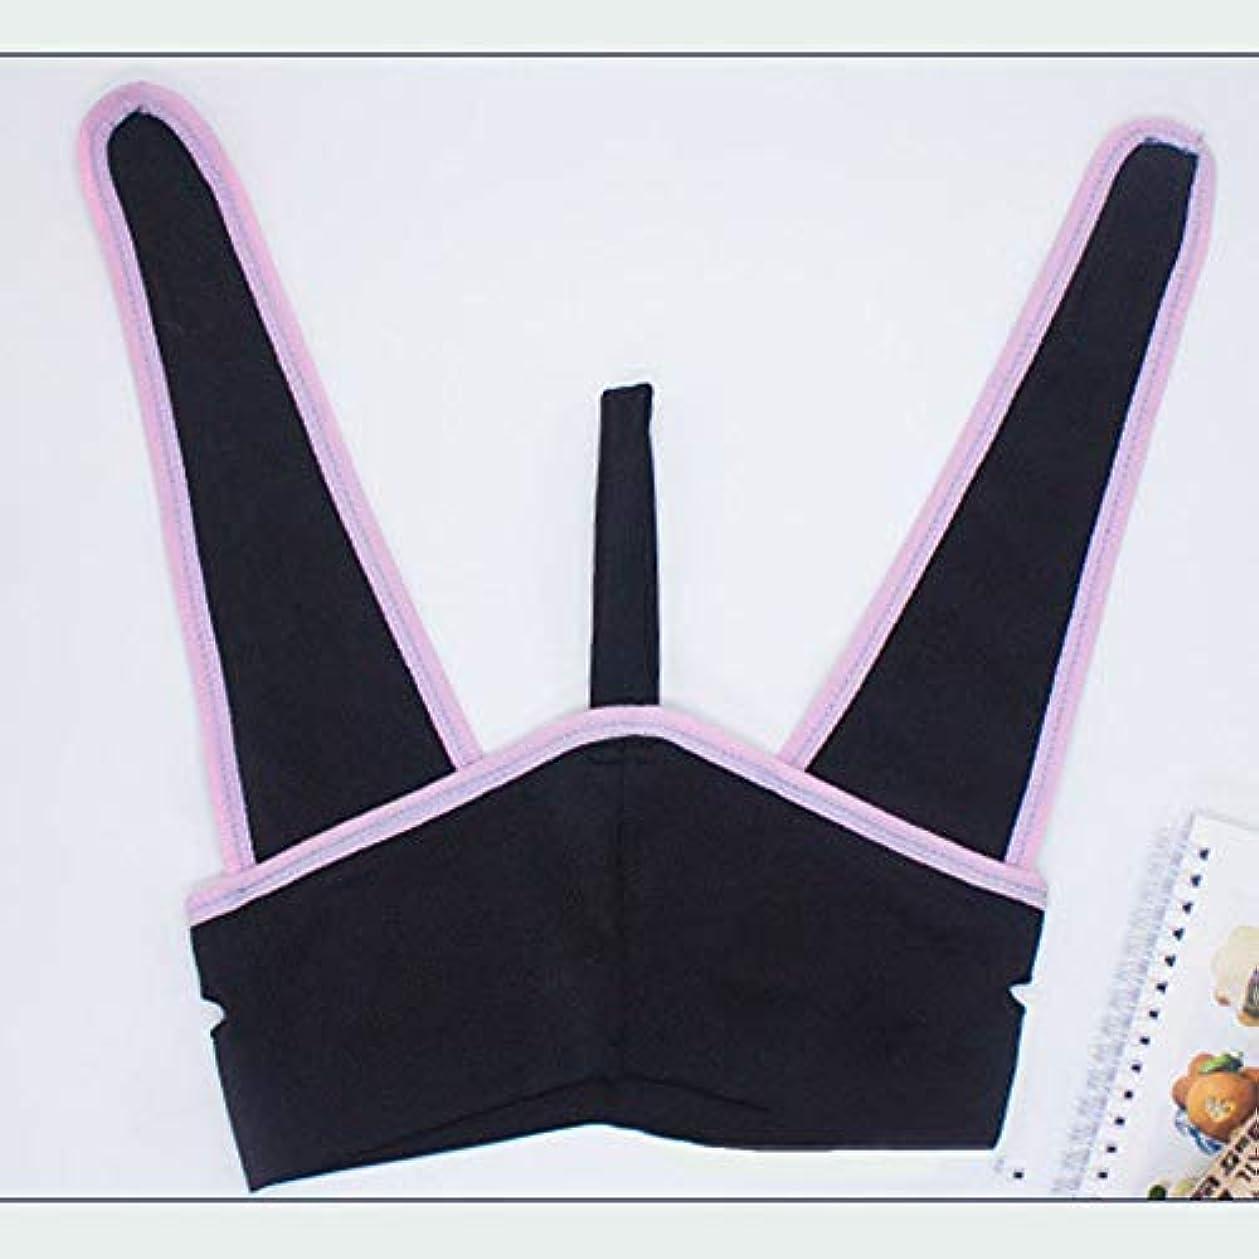 帽子ターゲット分離フェイスリフティング包帯、フェイスリフティングマスク/フェイスリフティングマスク/マスク包帯リフティング引き締めフェイスリフト二重あご女性抗脂肪,L